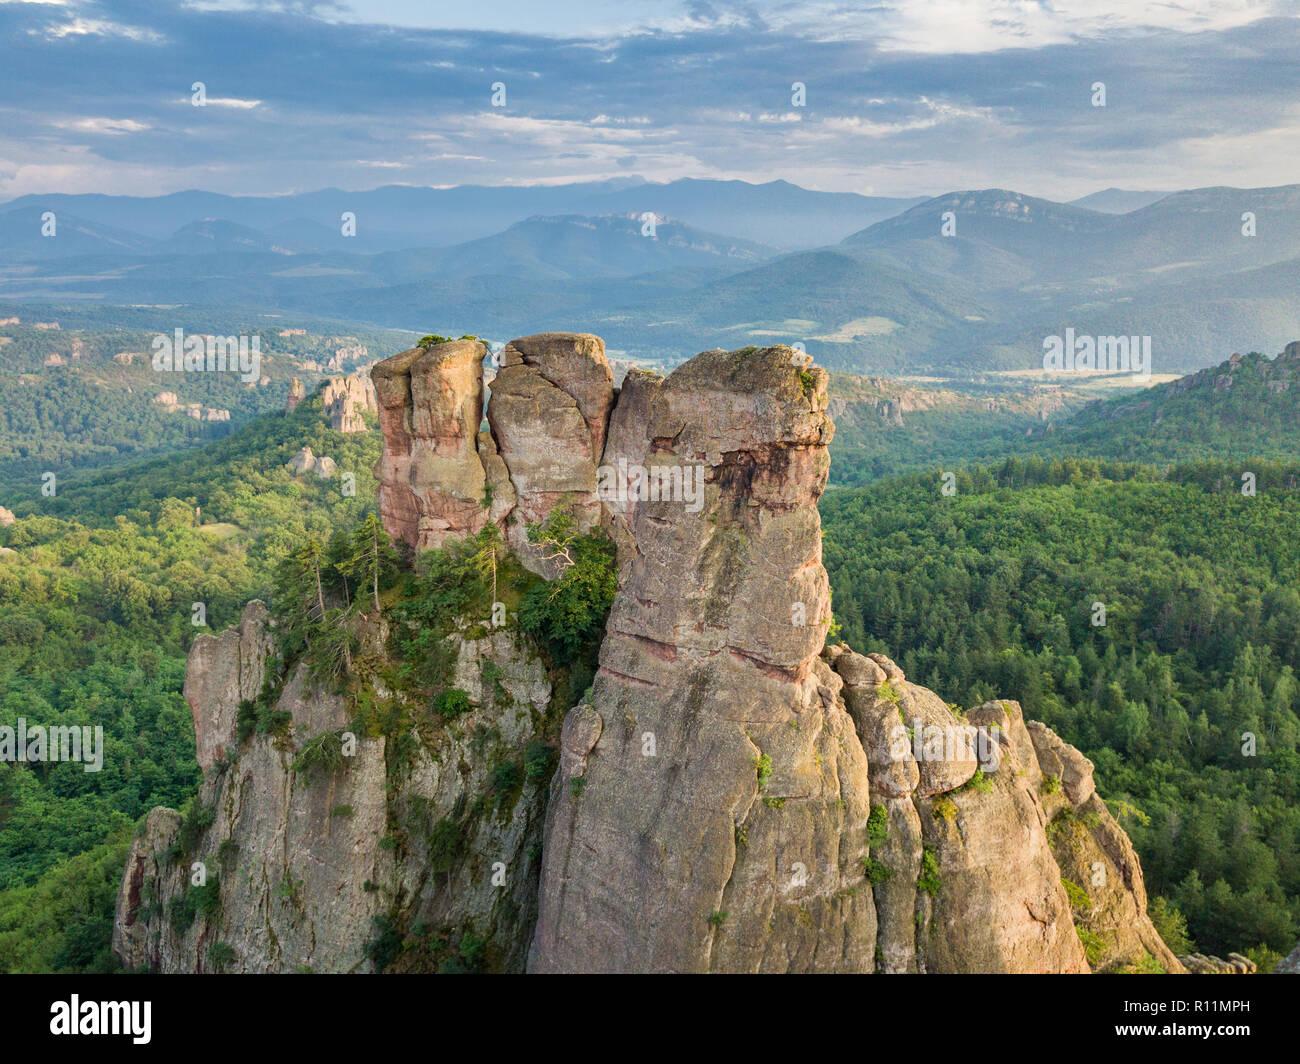 Erstaunliches Naturphänomen - belogradchik Felsen - Luftaufnahmen von diesem schönen Felsformationen, beliebtes Reiseziel Stockbild